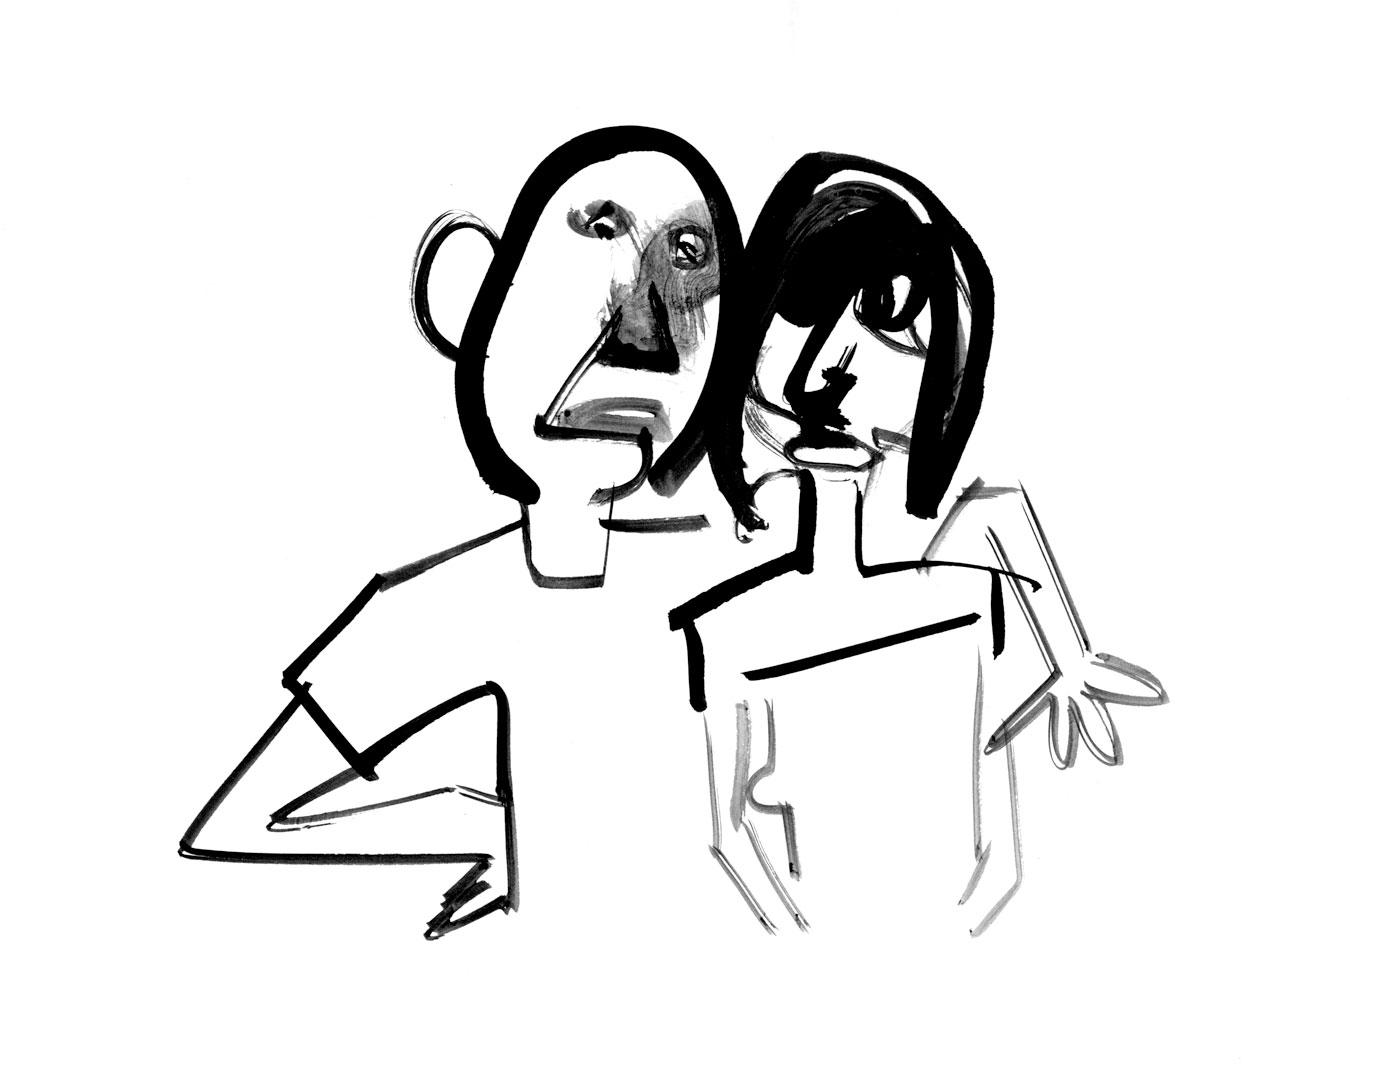 dessin RAPAPORT les JUIFS 4